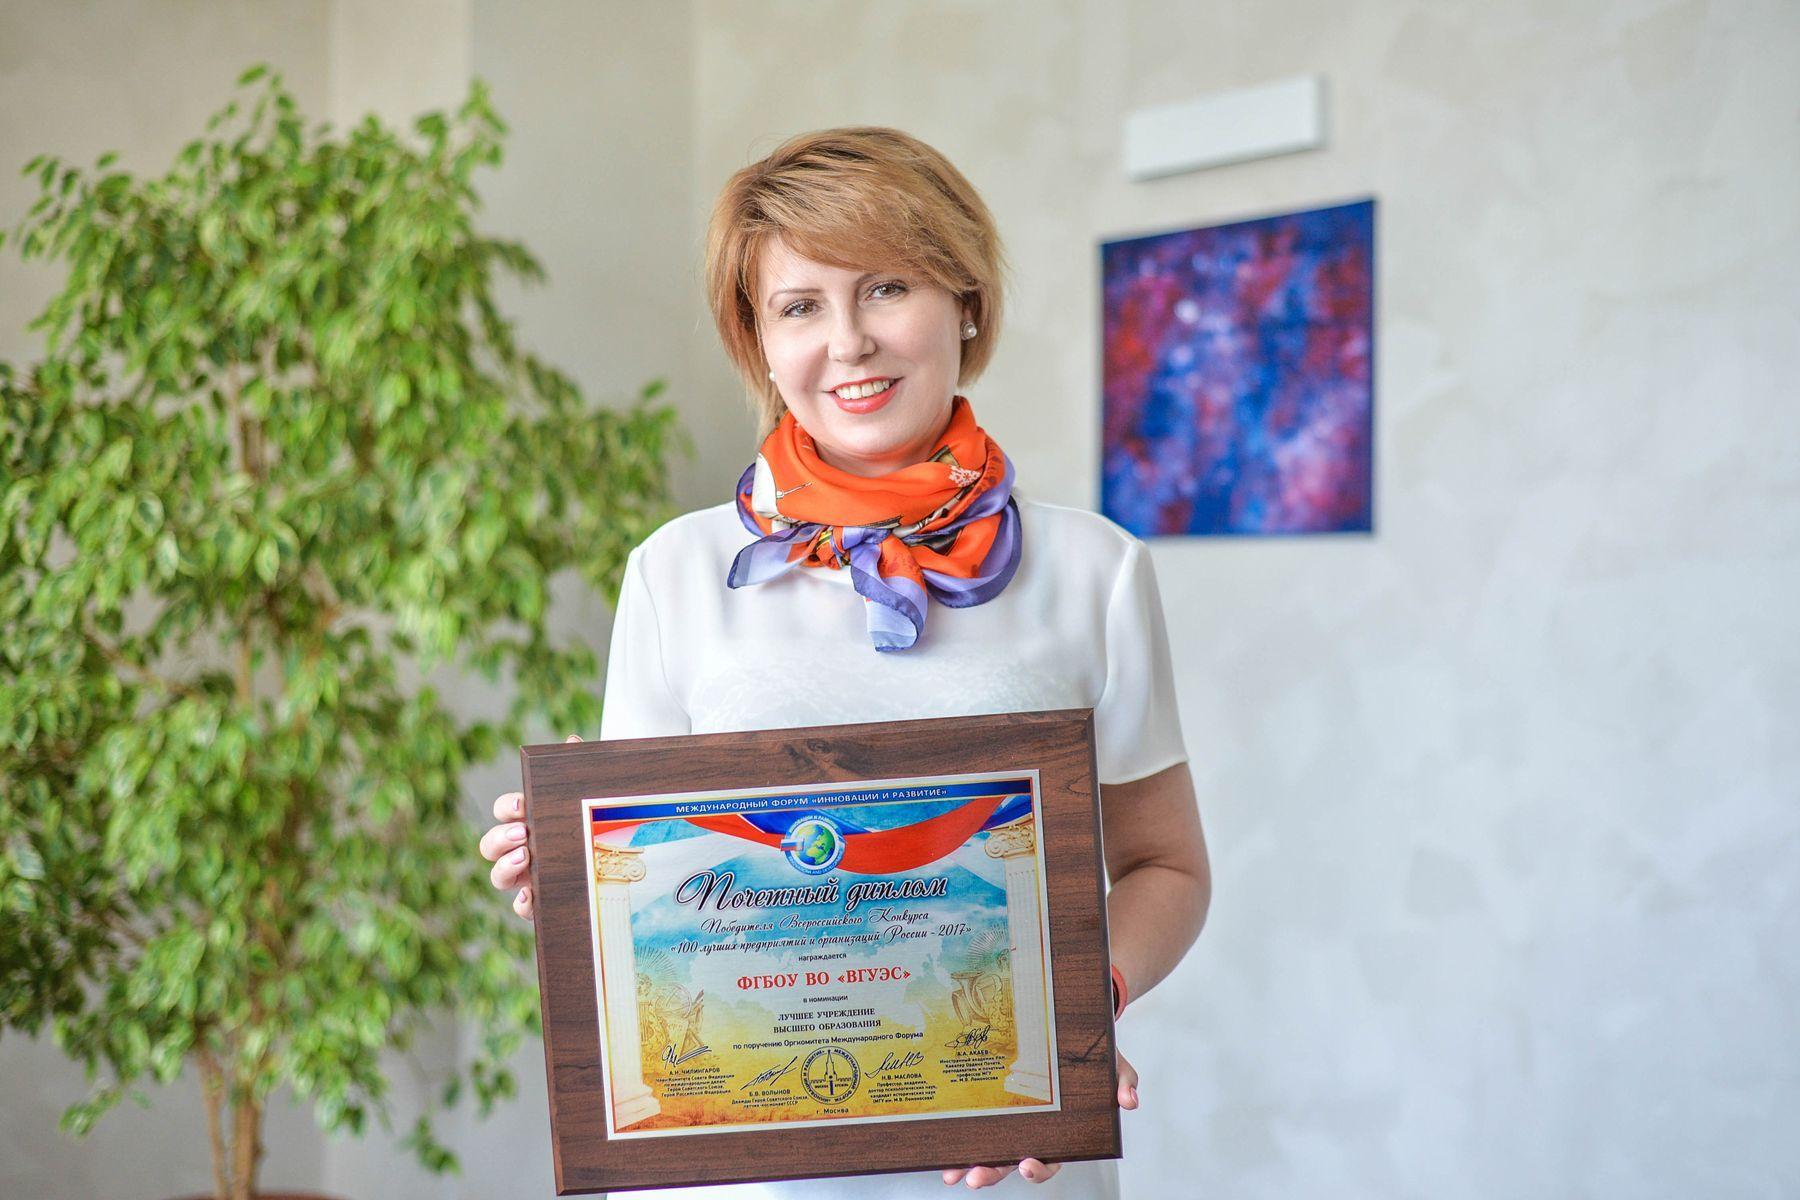 ВГУЭС победил во Всероссийском конкурсе «100 лучших предприятий и организаций России–2017»